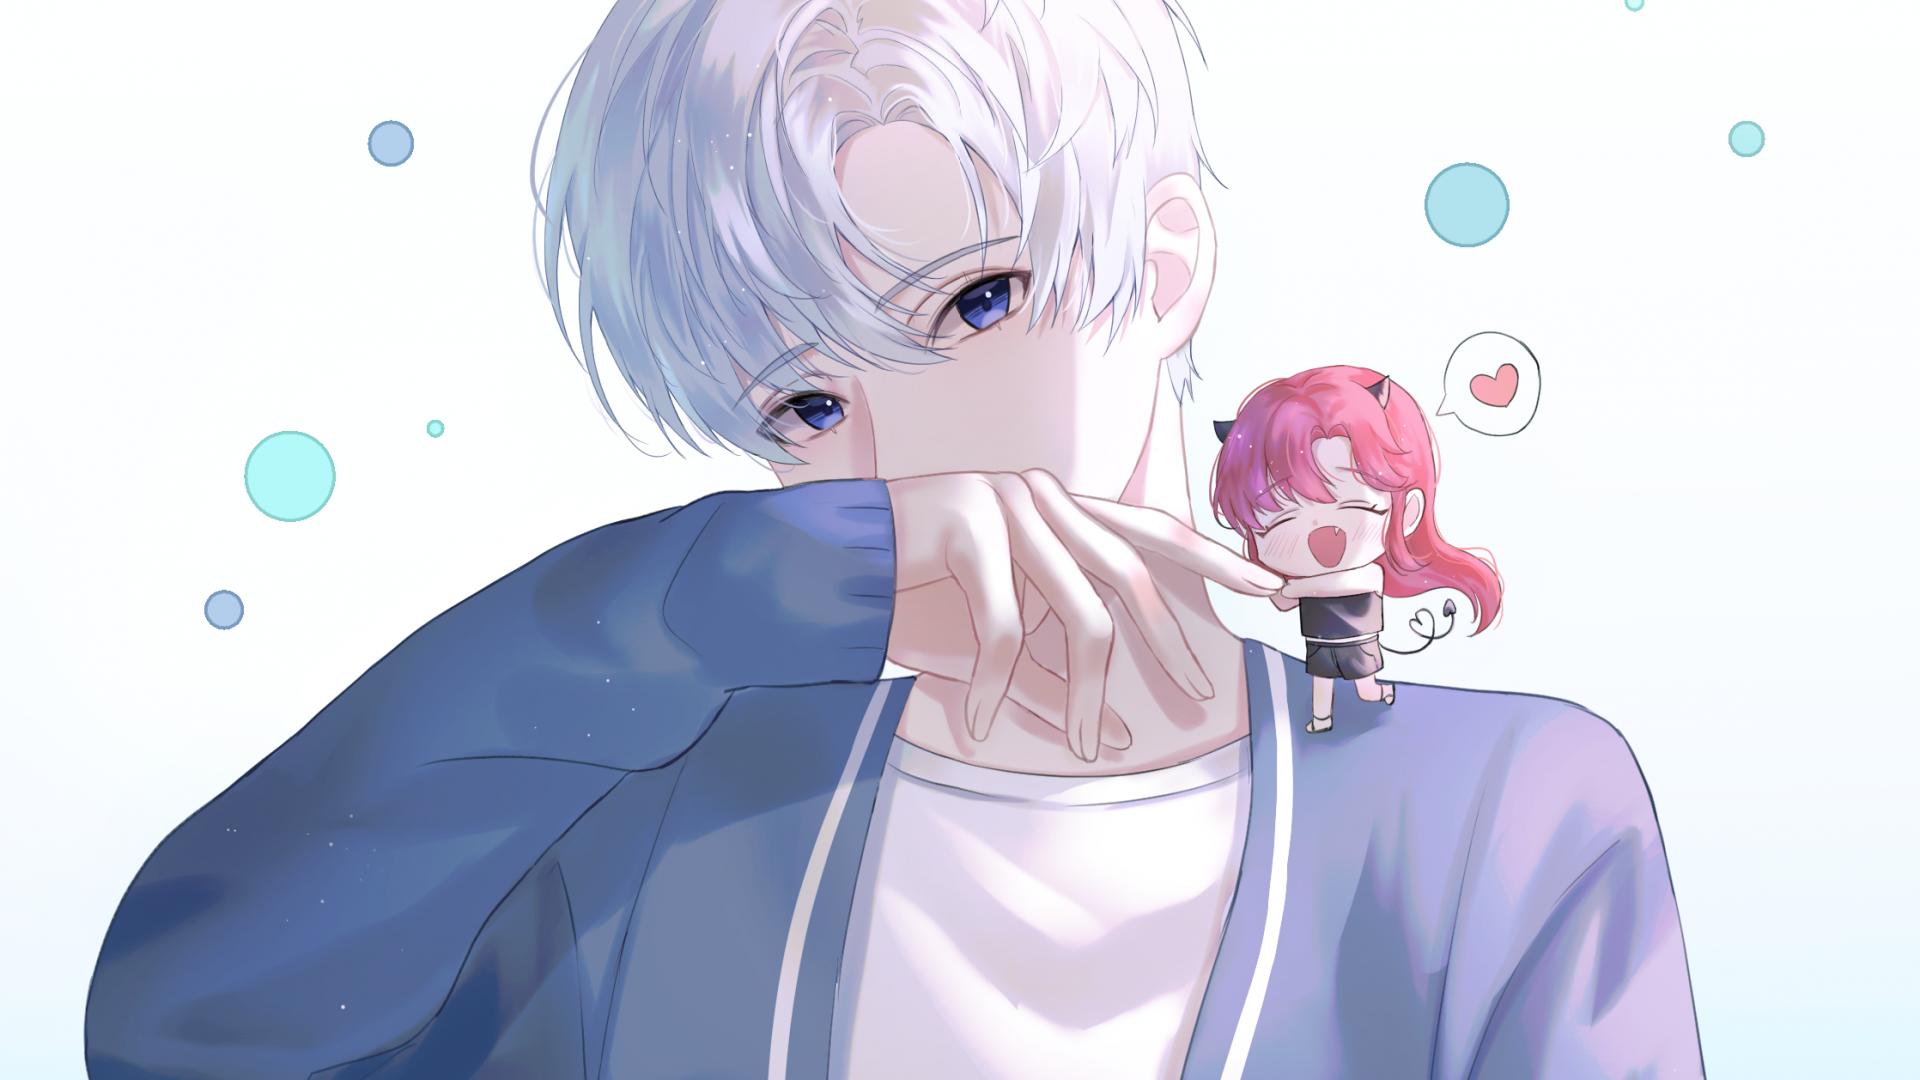 Anime Wallpaper Download Boy Anime Wallpaper Hd